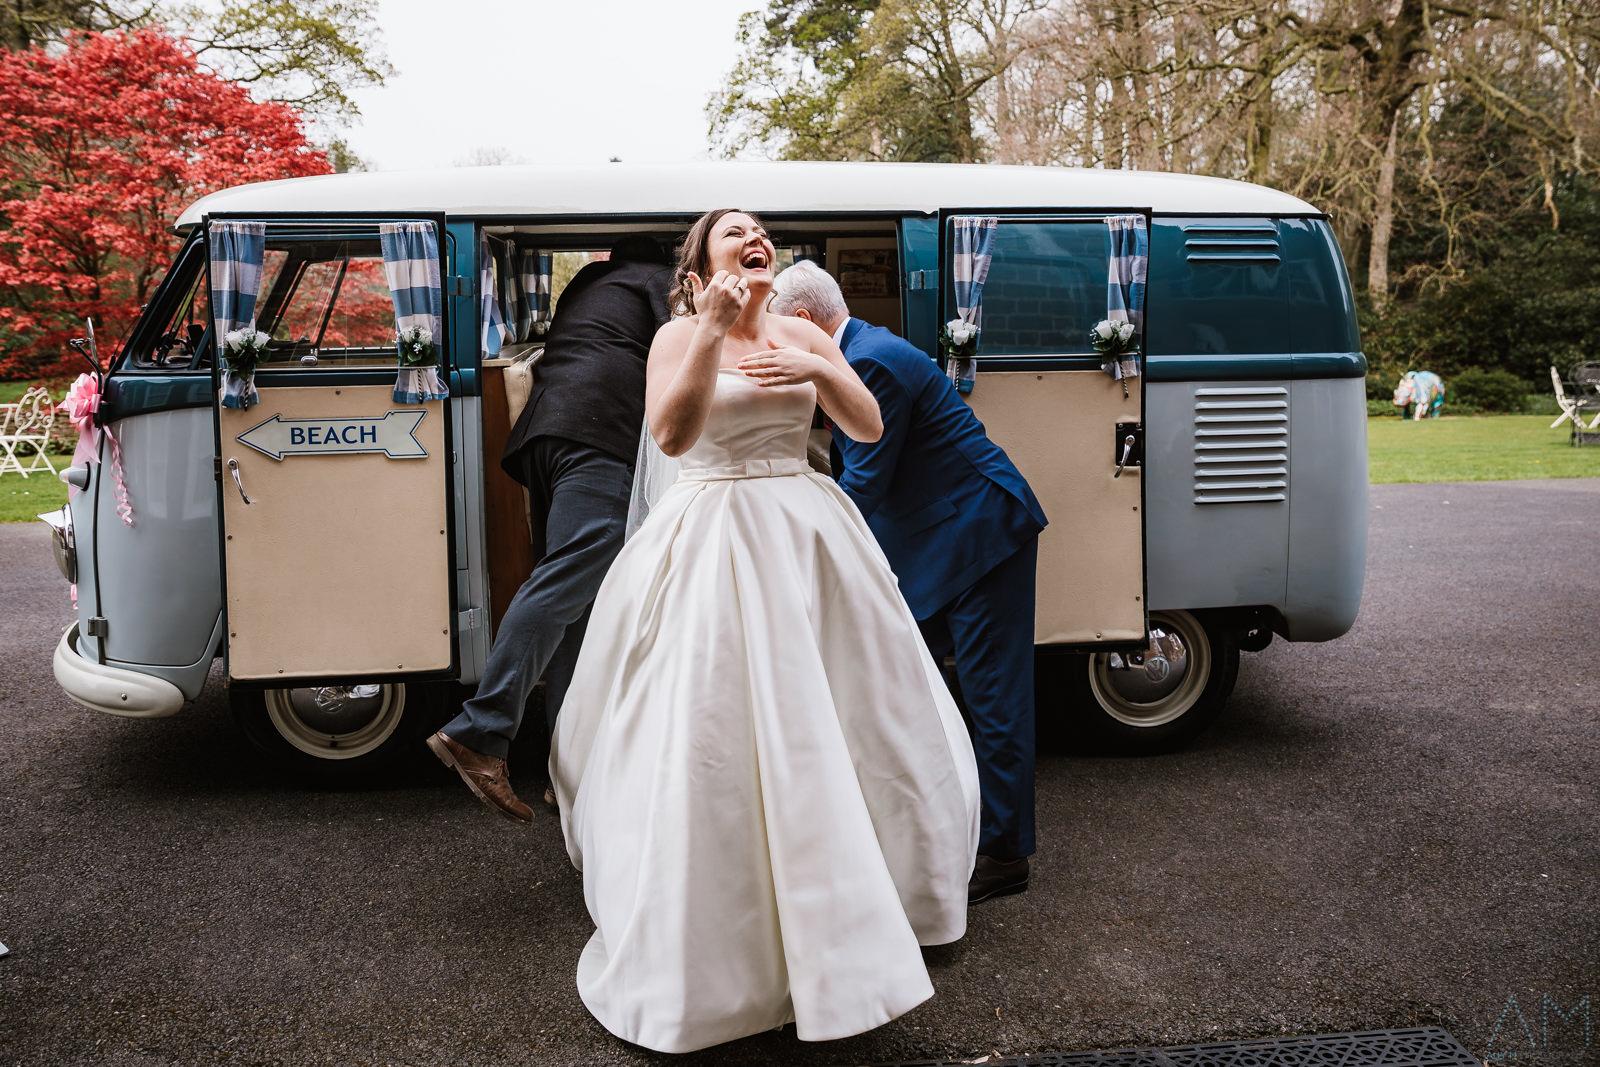 Bride arrives in camper van